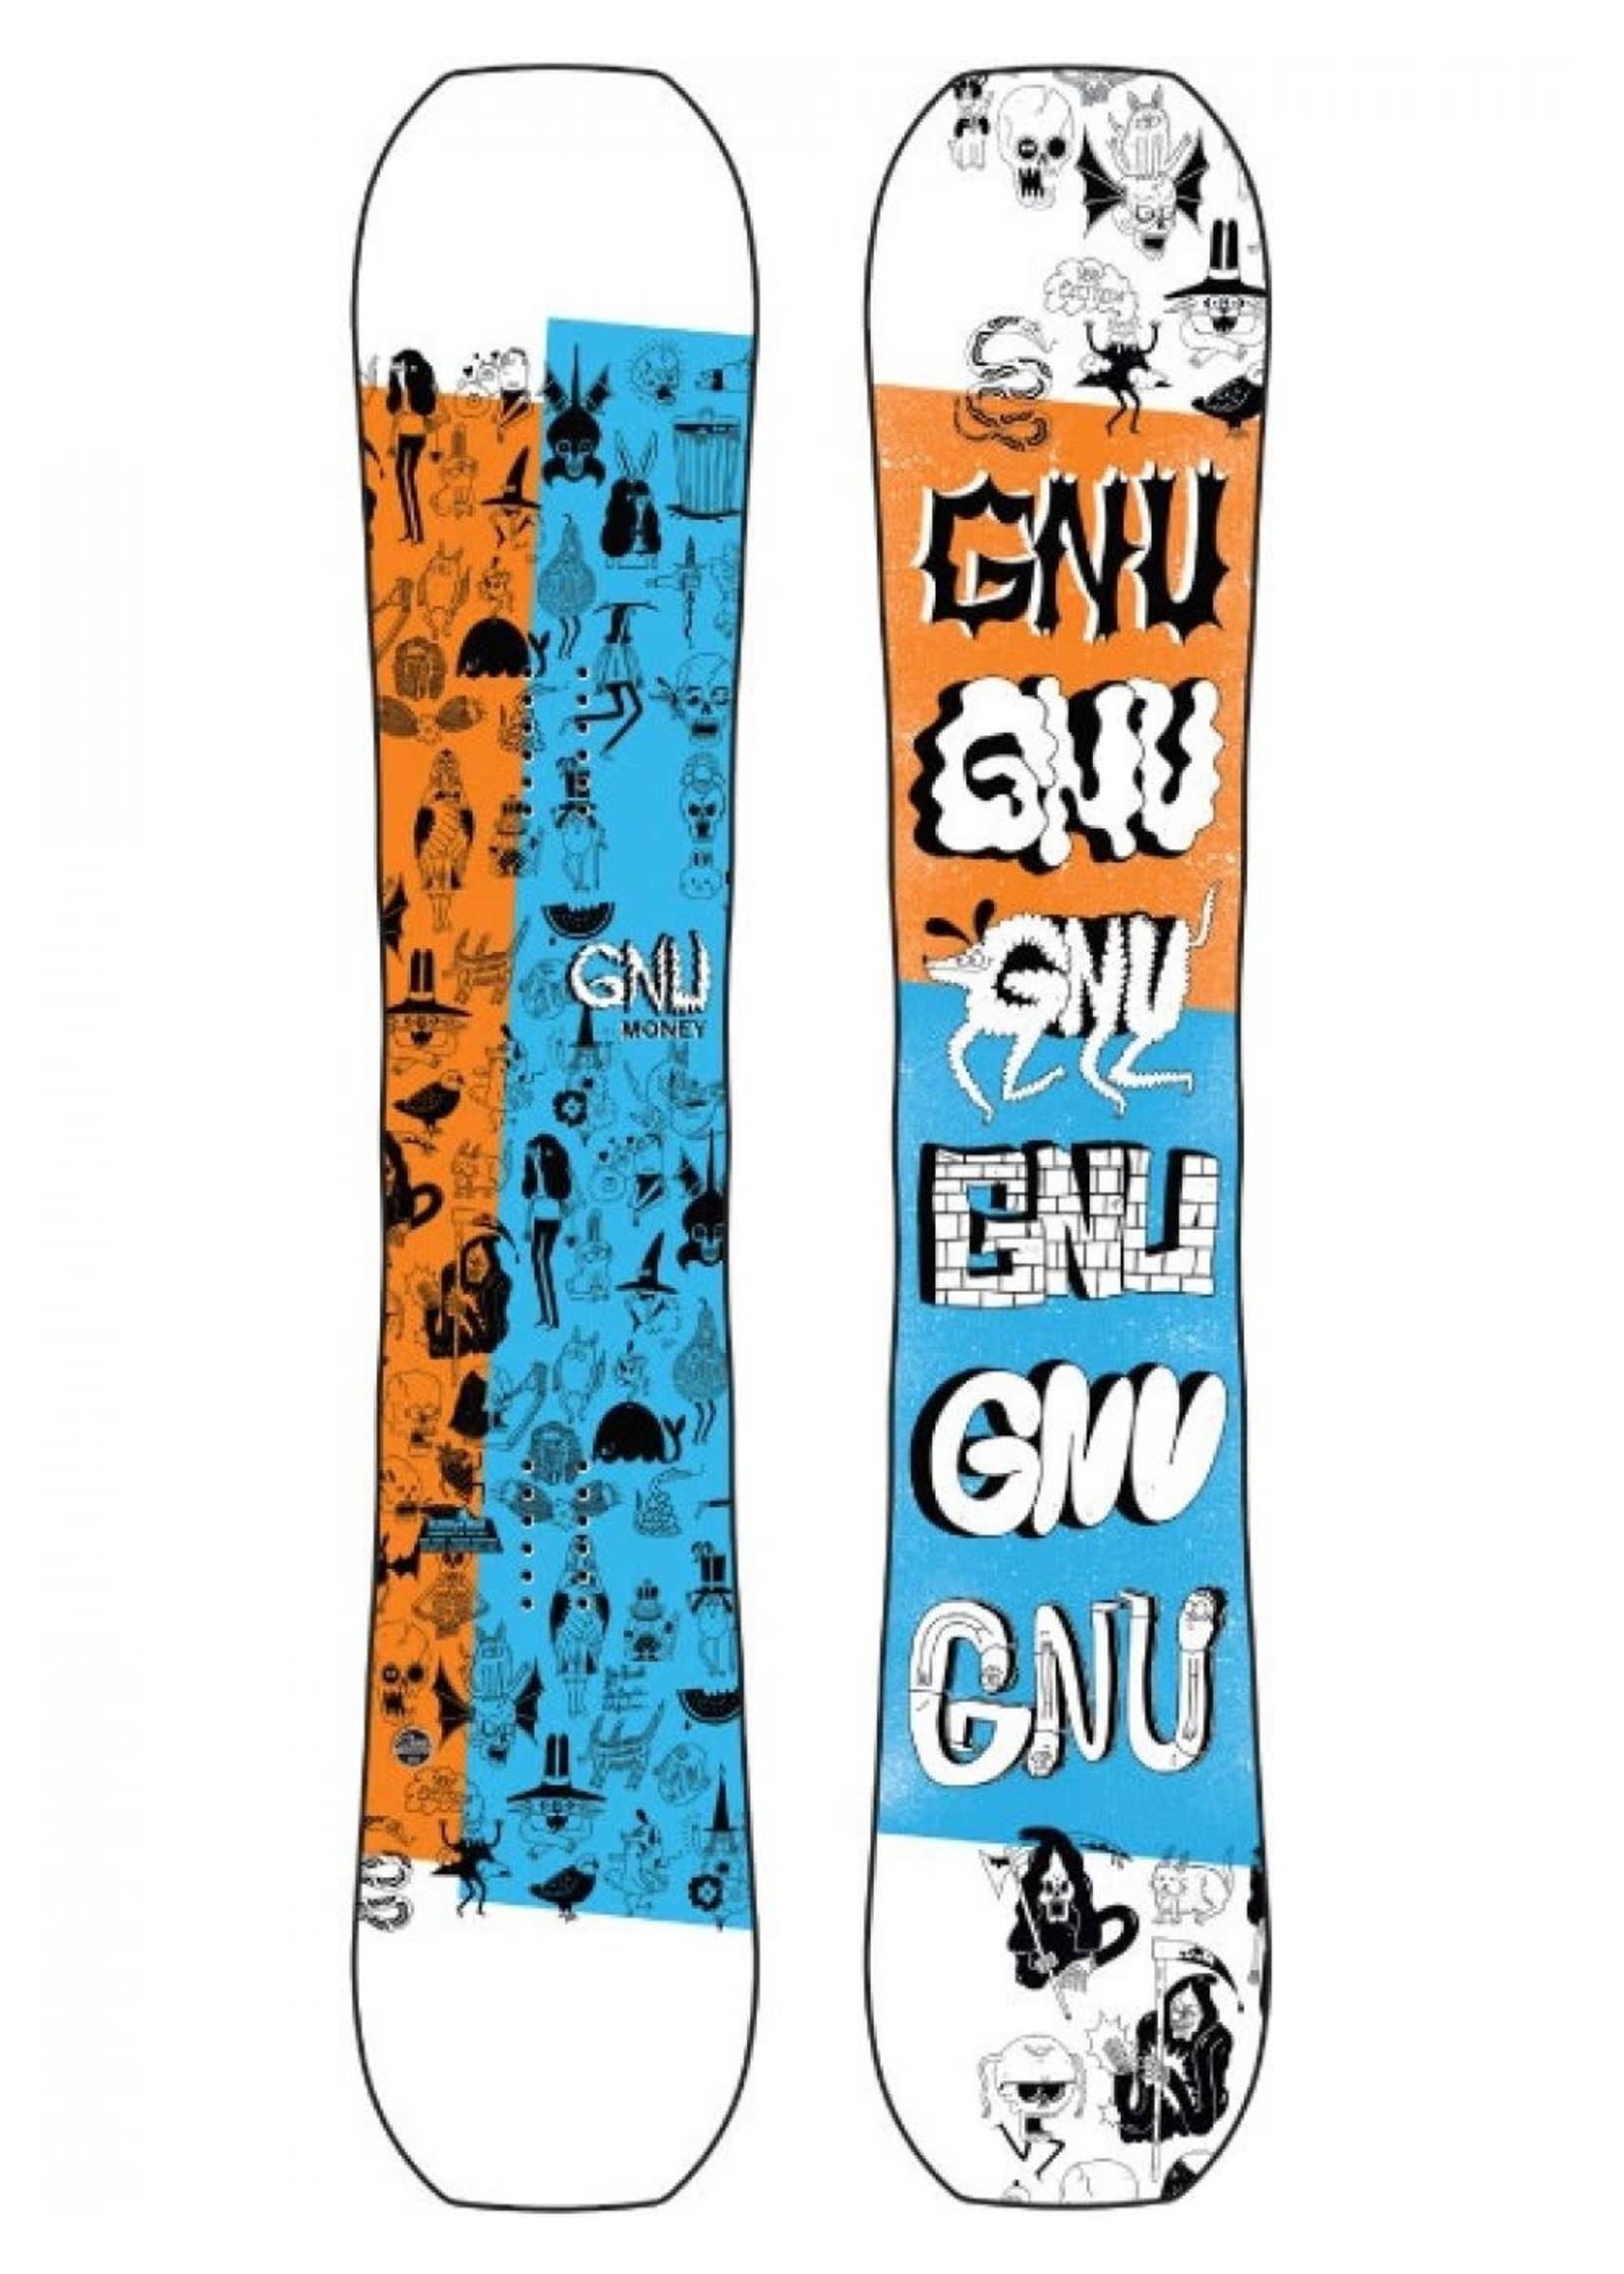 GNU GNU- Money, 21, 152